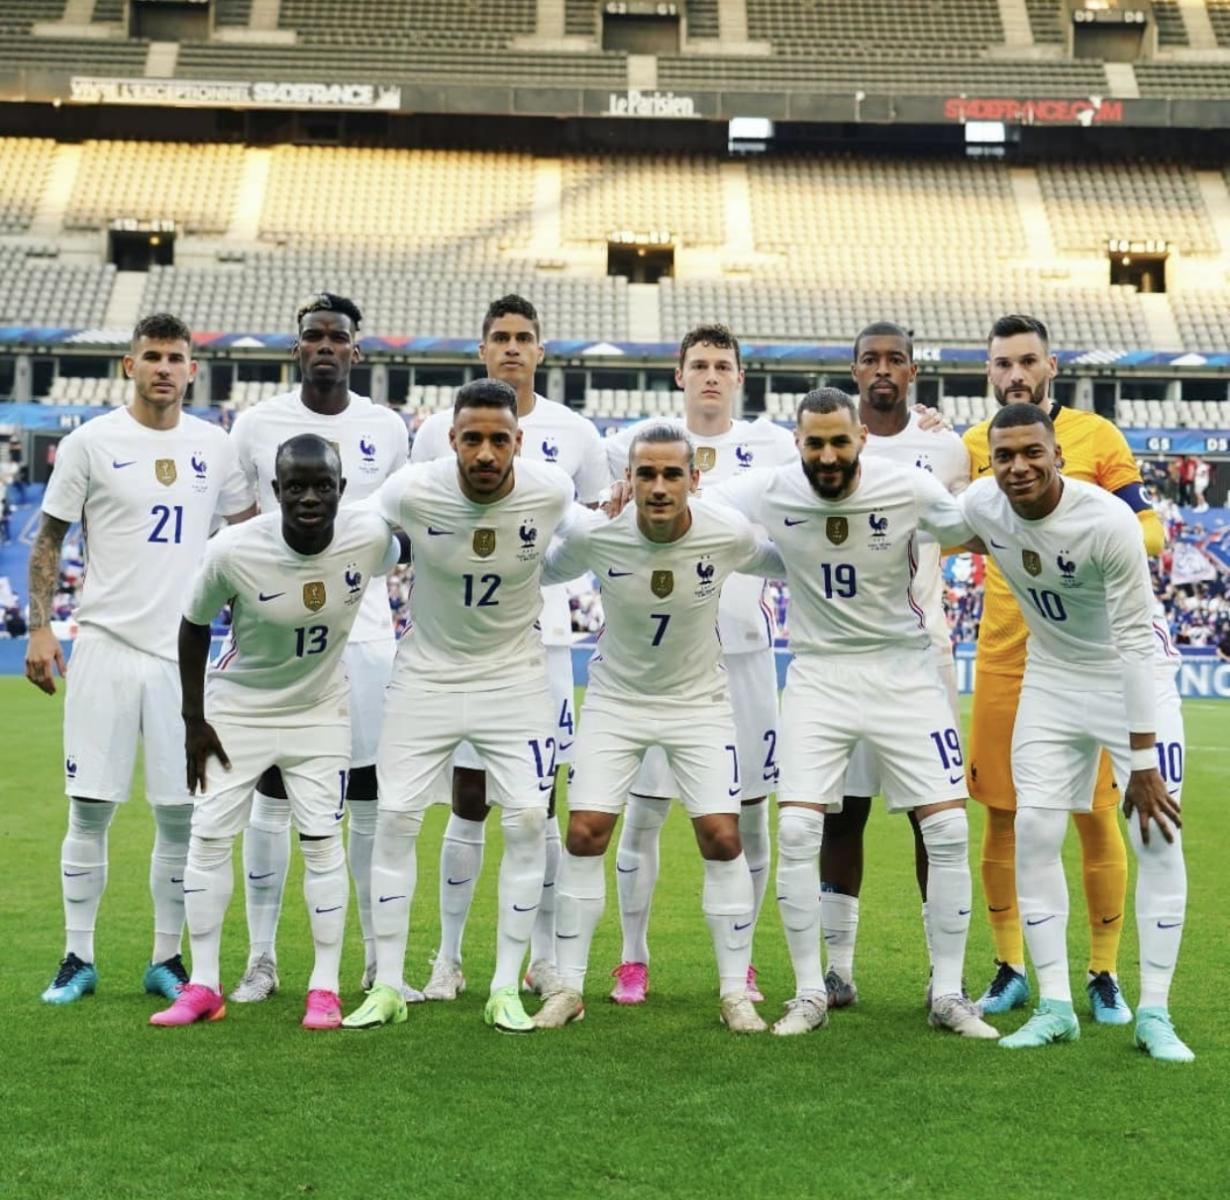 Selección francesa antes de un partido. Fuente: Instagram.com/equipedefrance